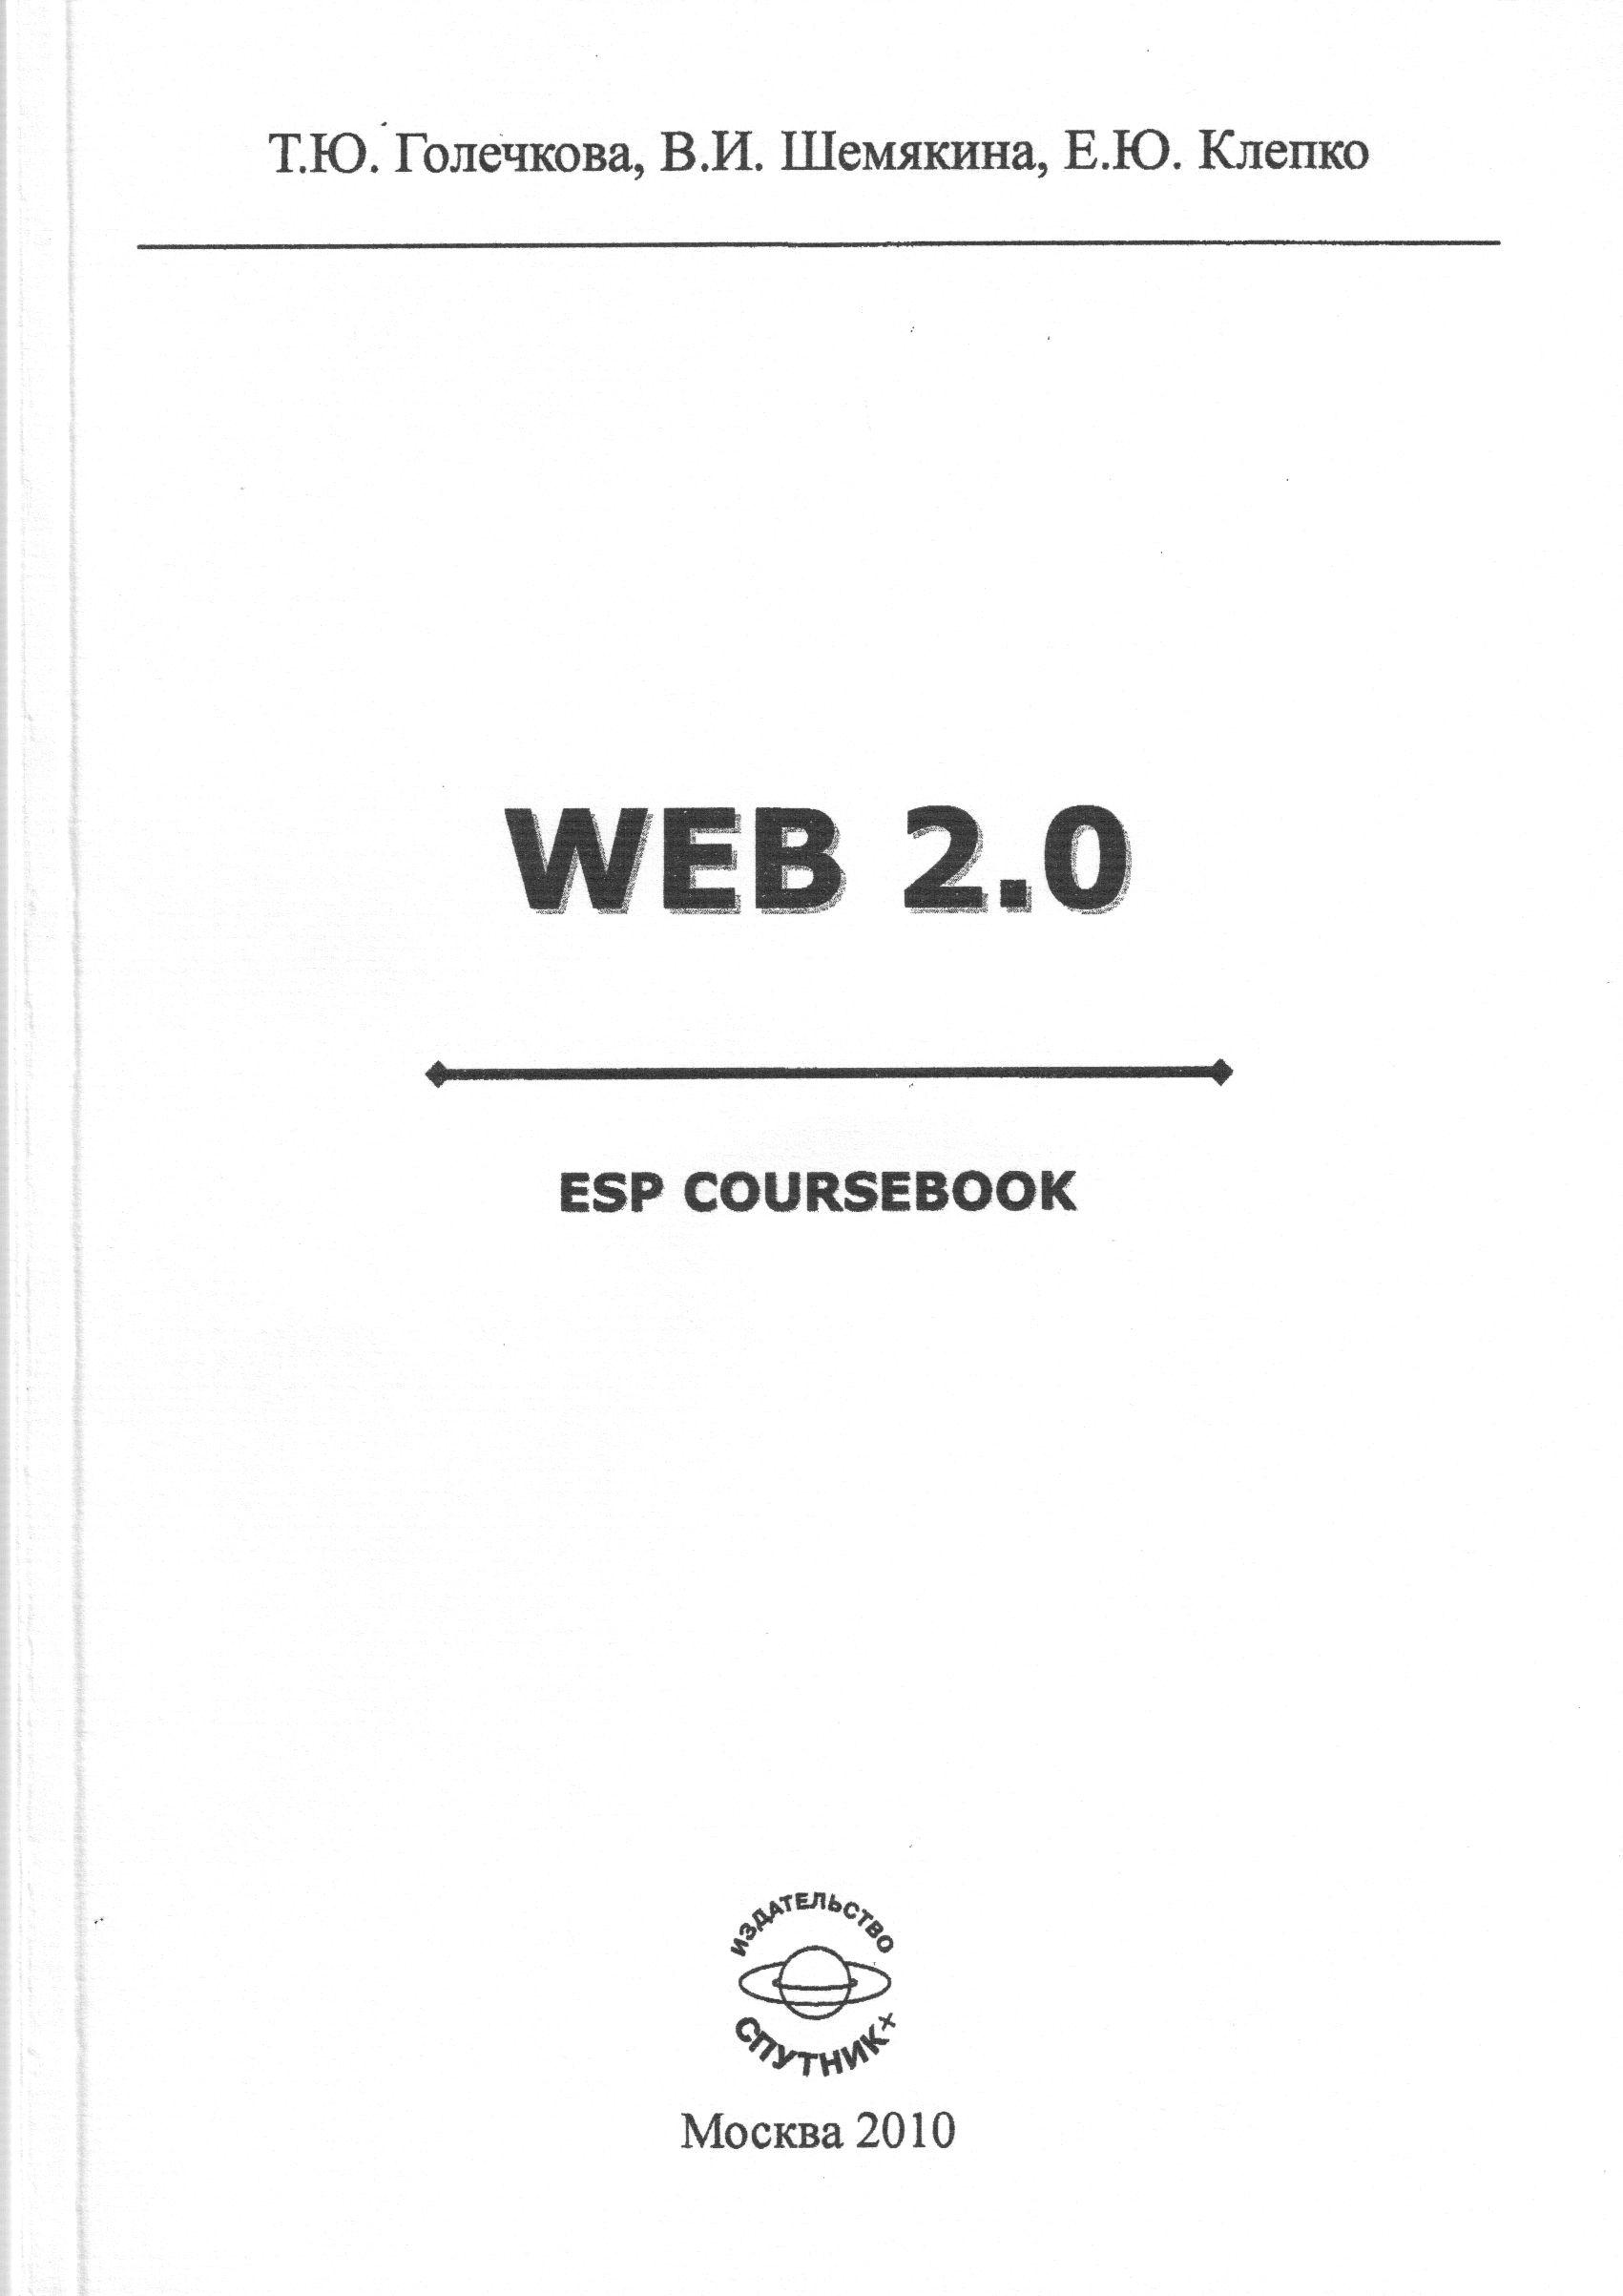 WEB 2.0. ESP Coursebook